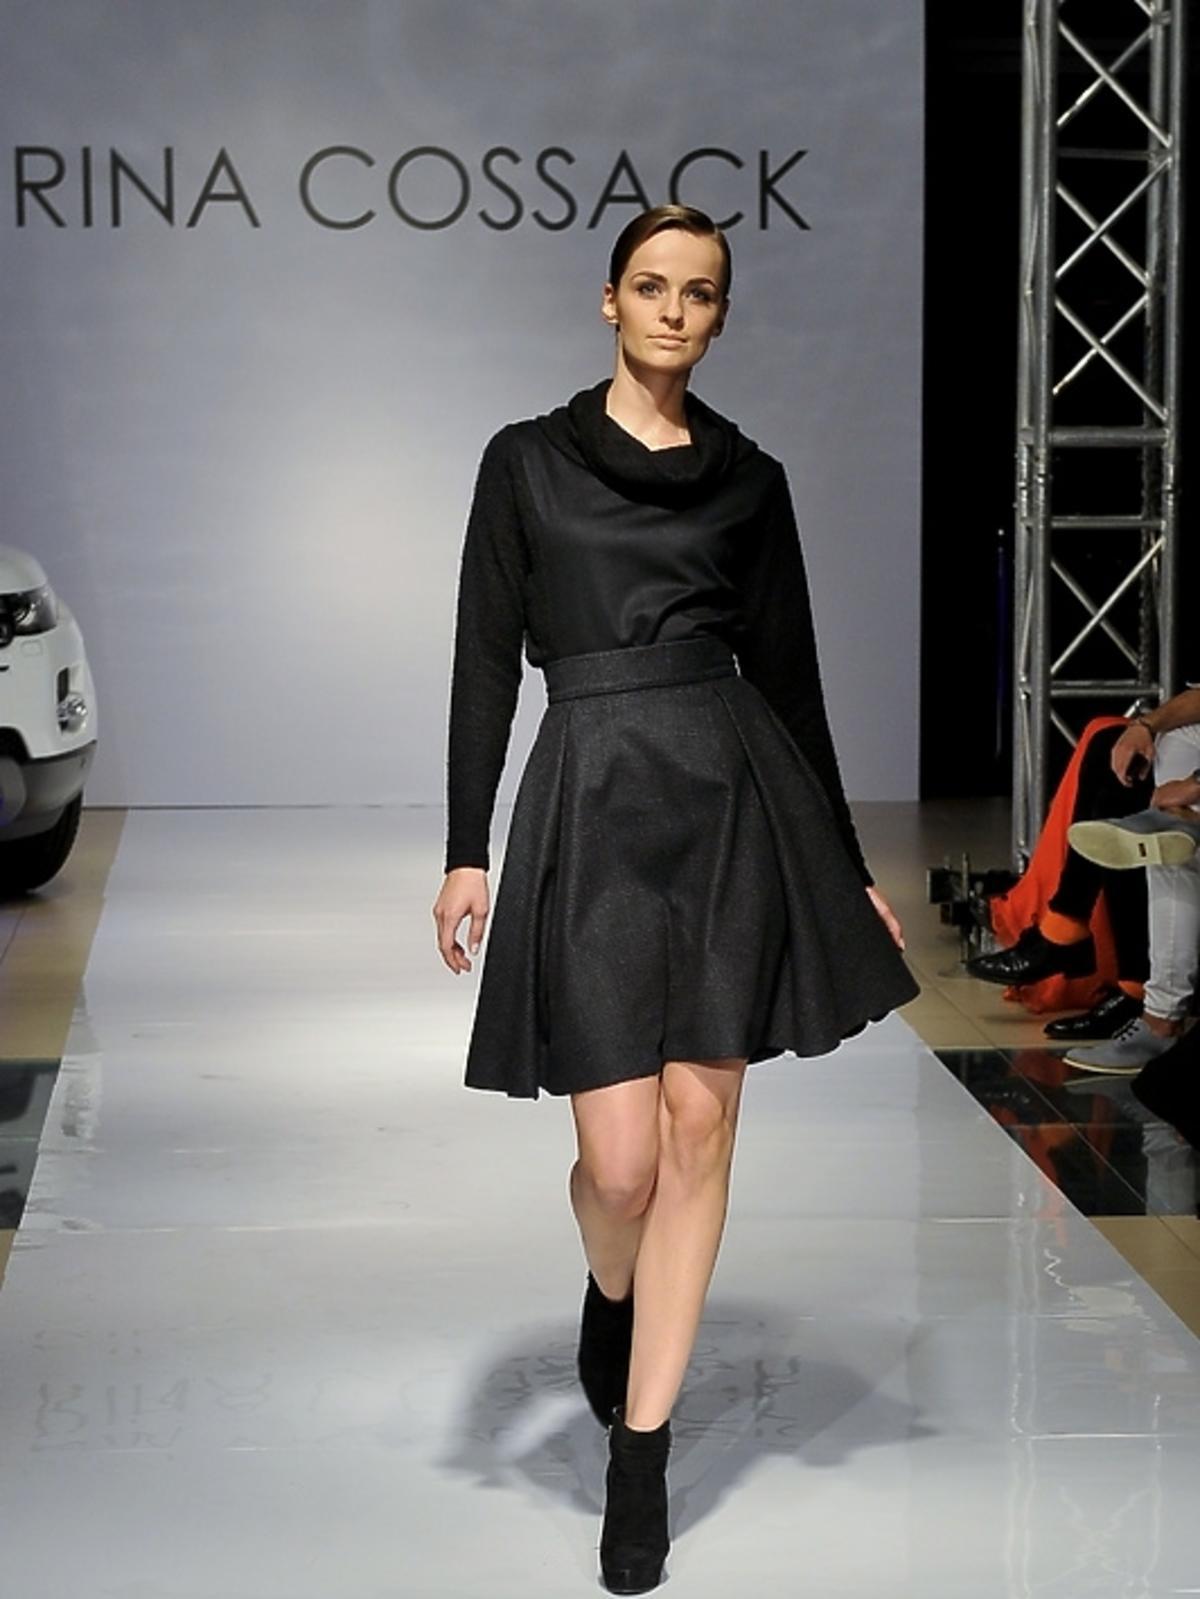 Rina Cossack jesień-zima 2013/2014